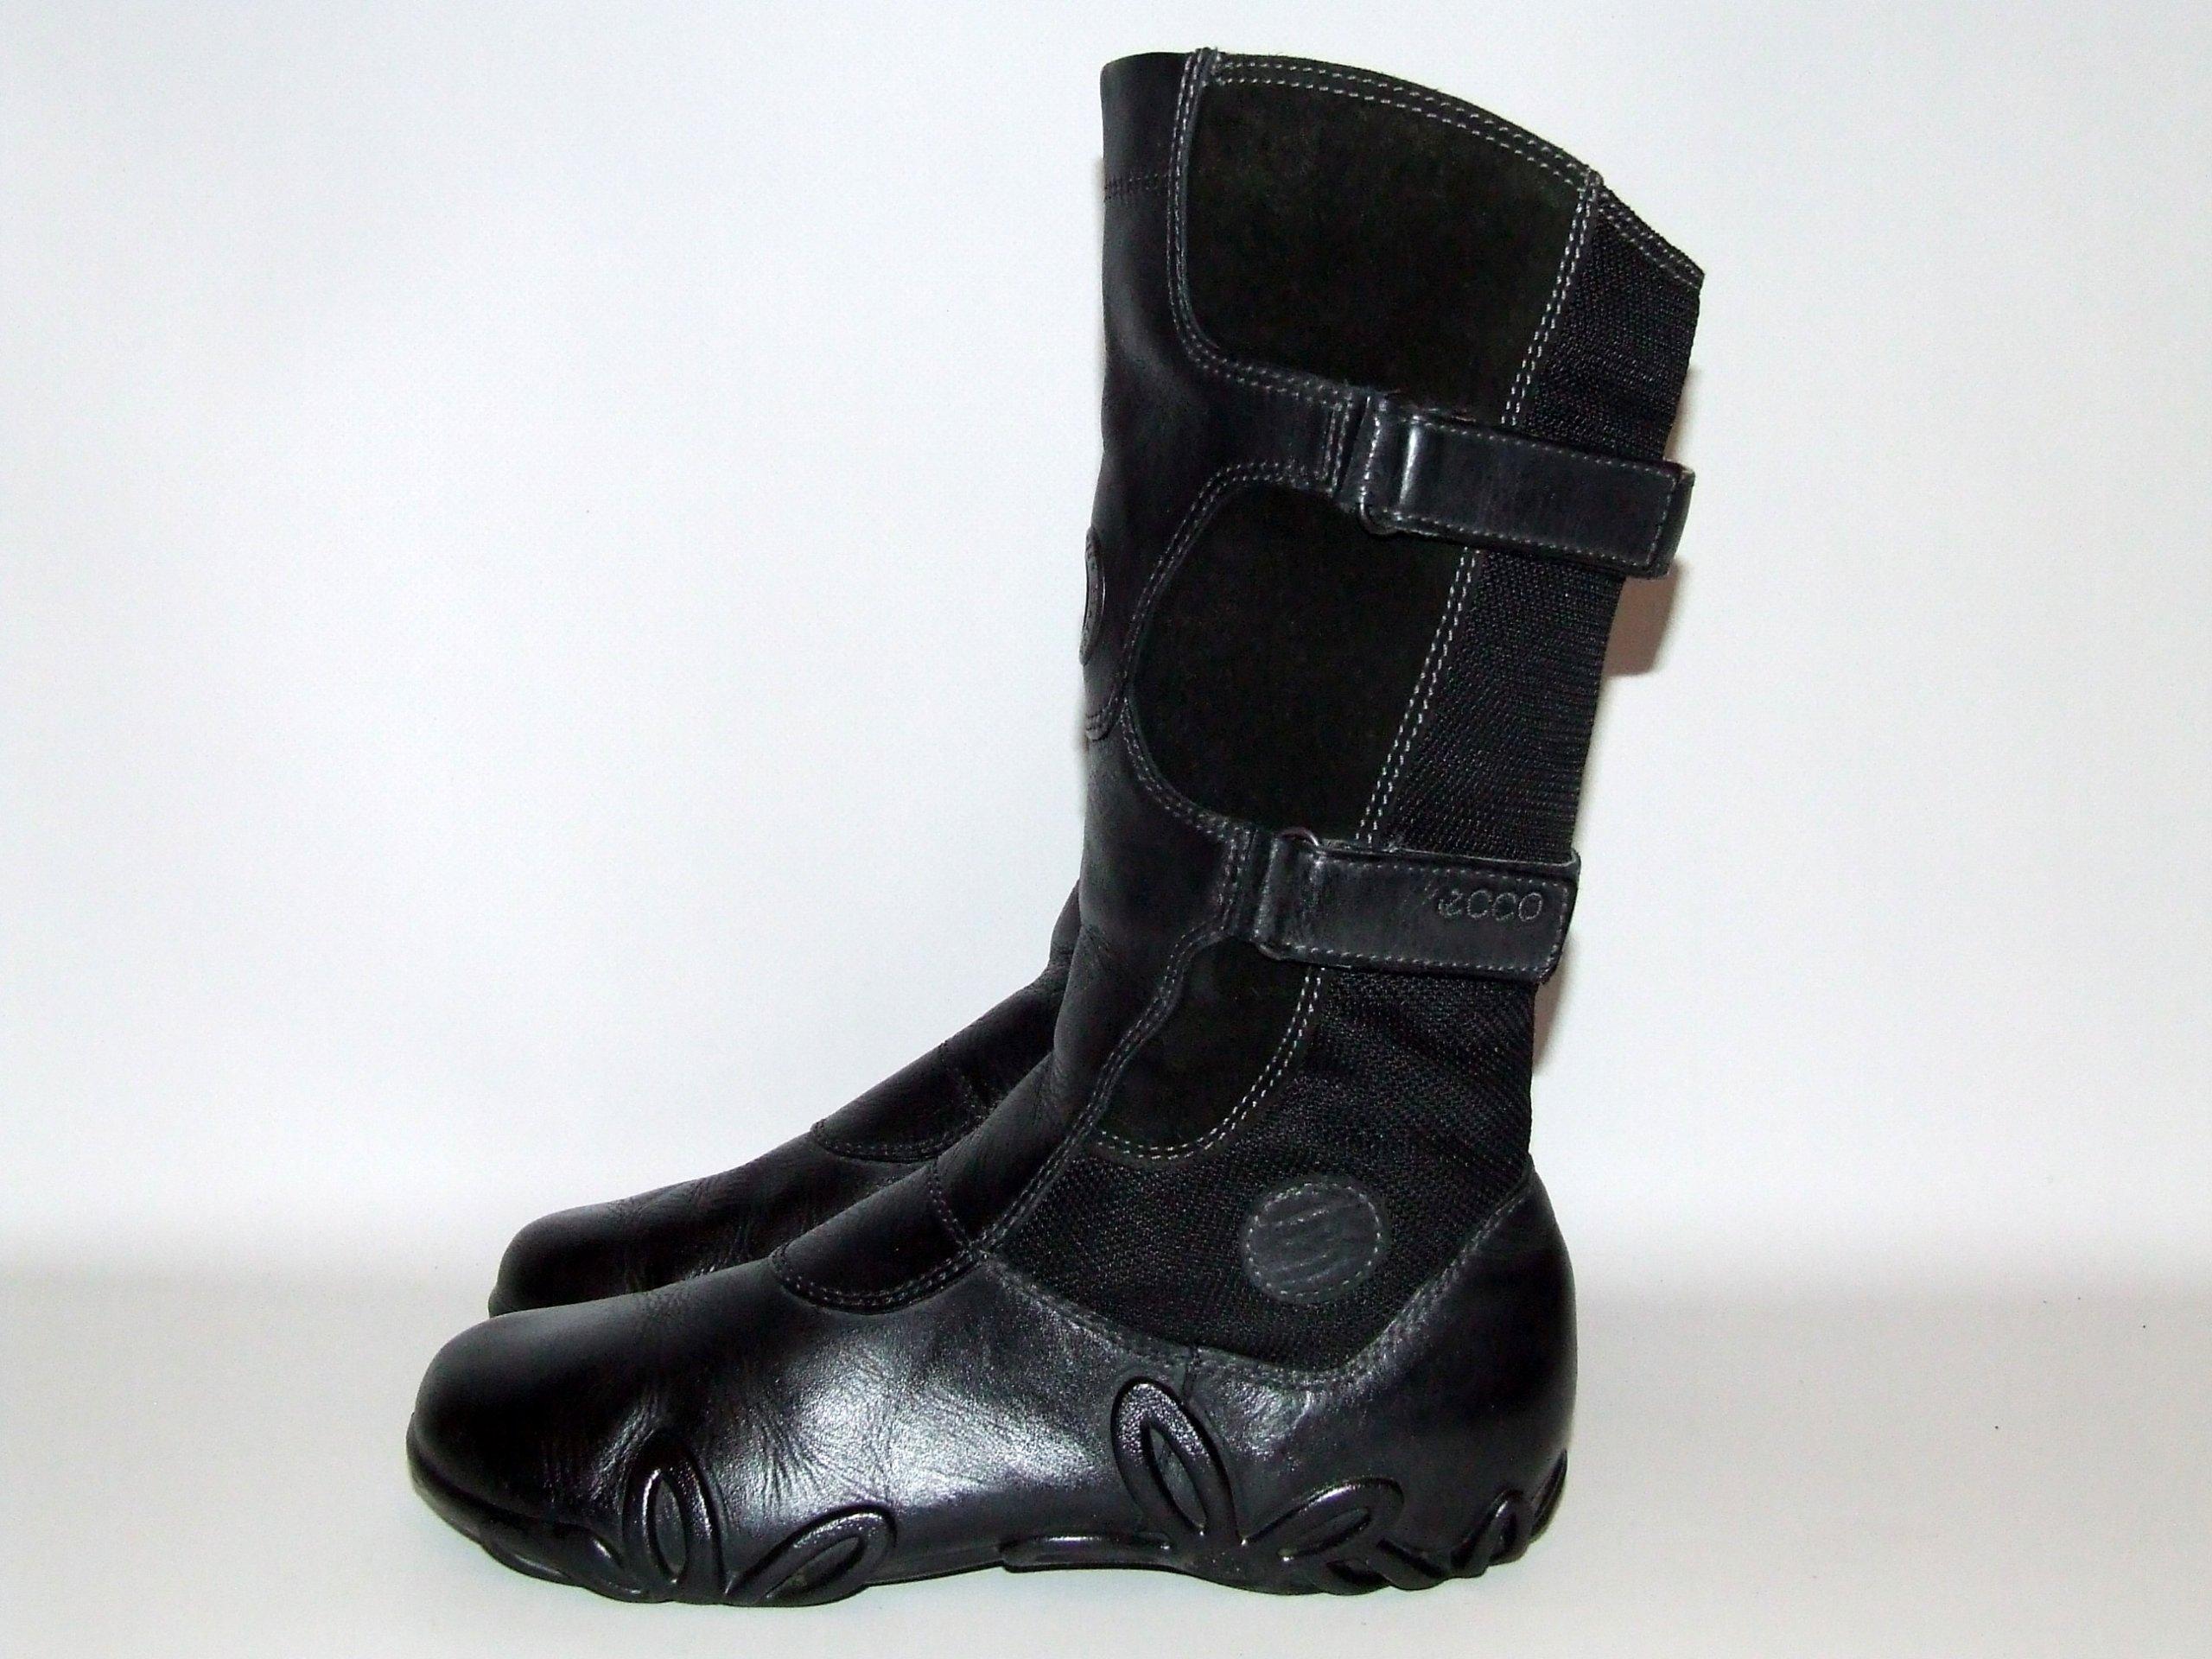 Buty skórzane ECCO r.38 dł.24,4cm s IDEALNY